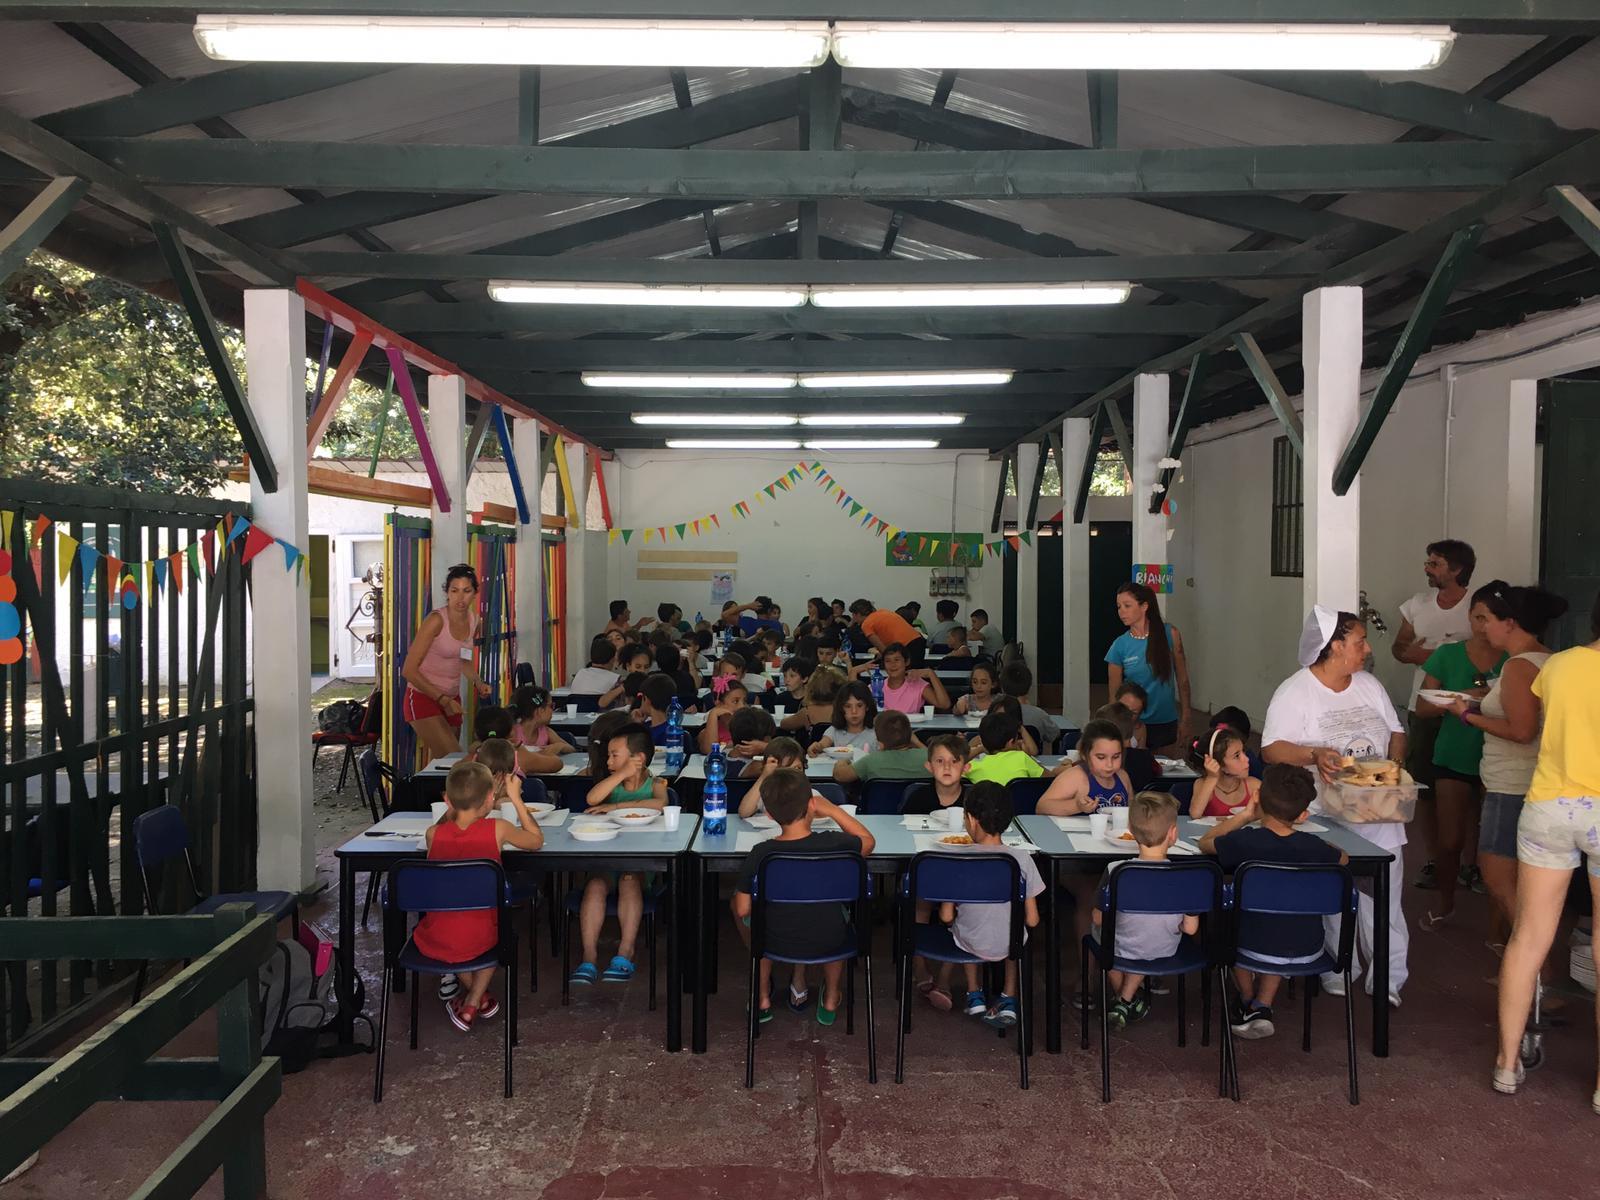 Vacanze: centri estivi per 180 bambini, per la prima volta si aprono anche le porte della Versiliana